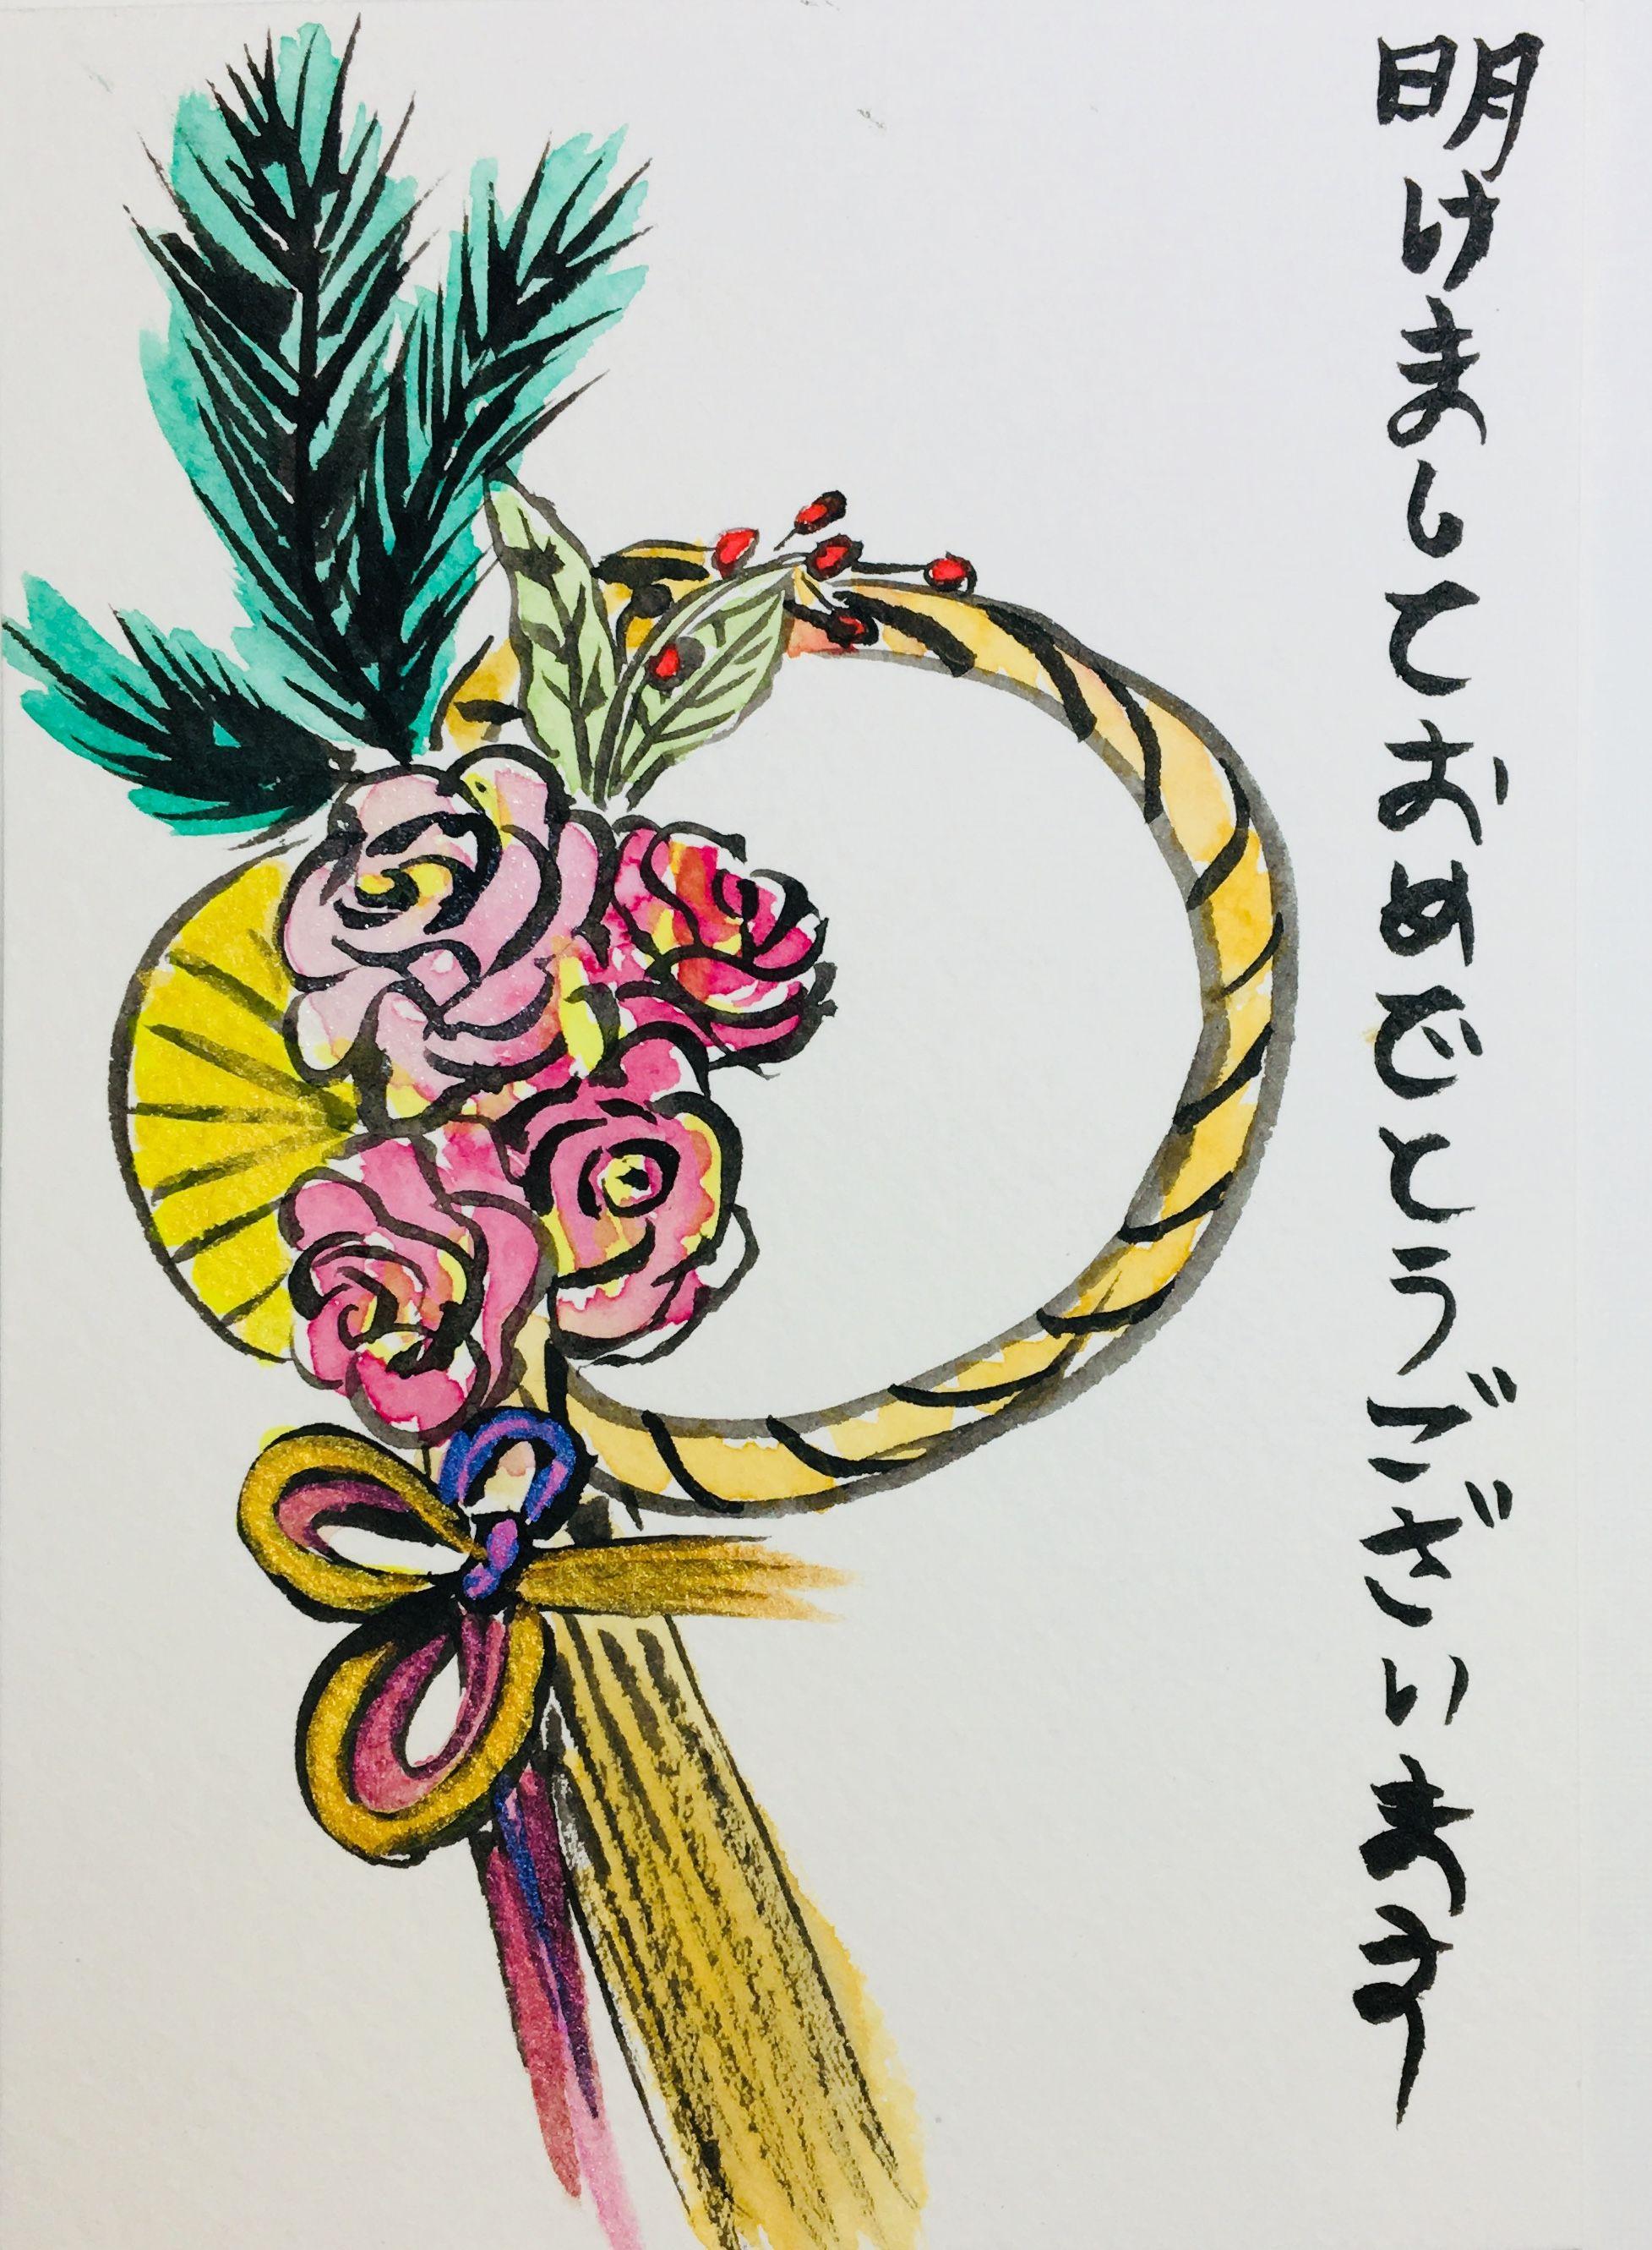 Etegami - Ophélie Camélia - Aquarelliste Intuitive | Aquarellistes, Peinture japonaise, Peinture